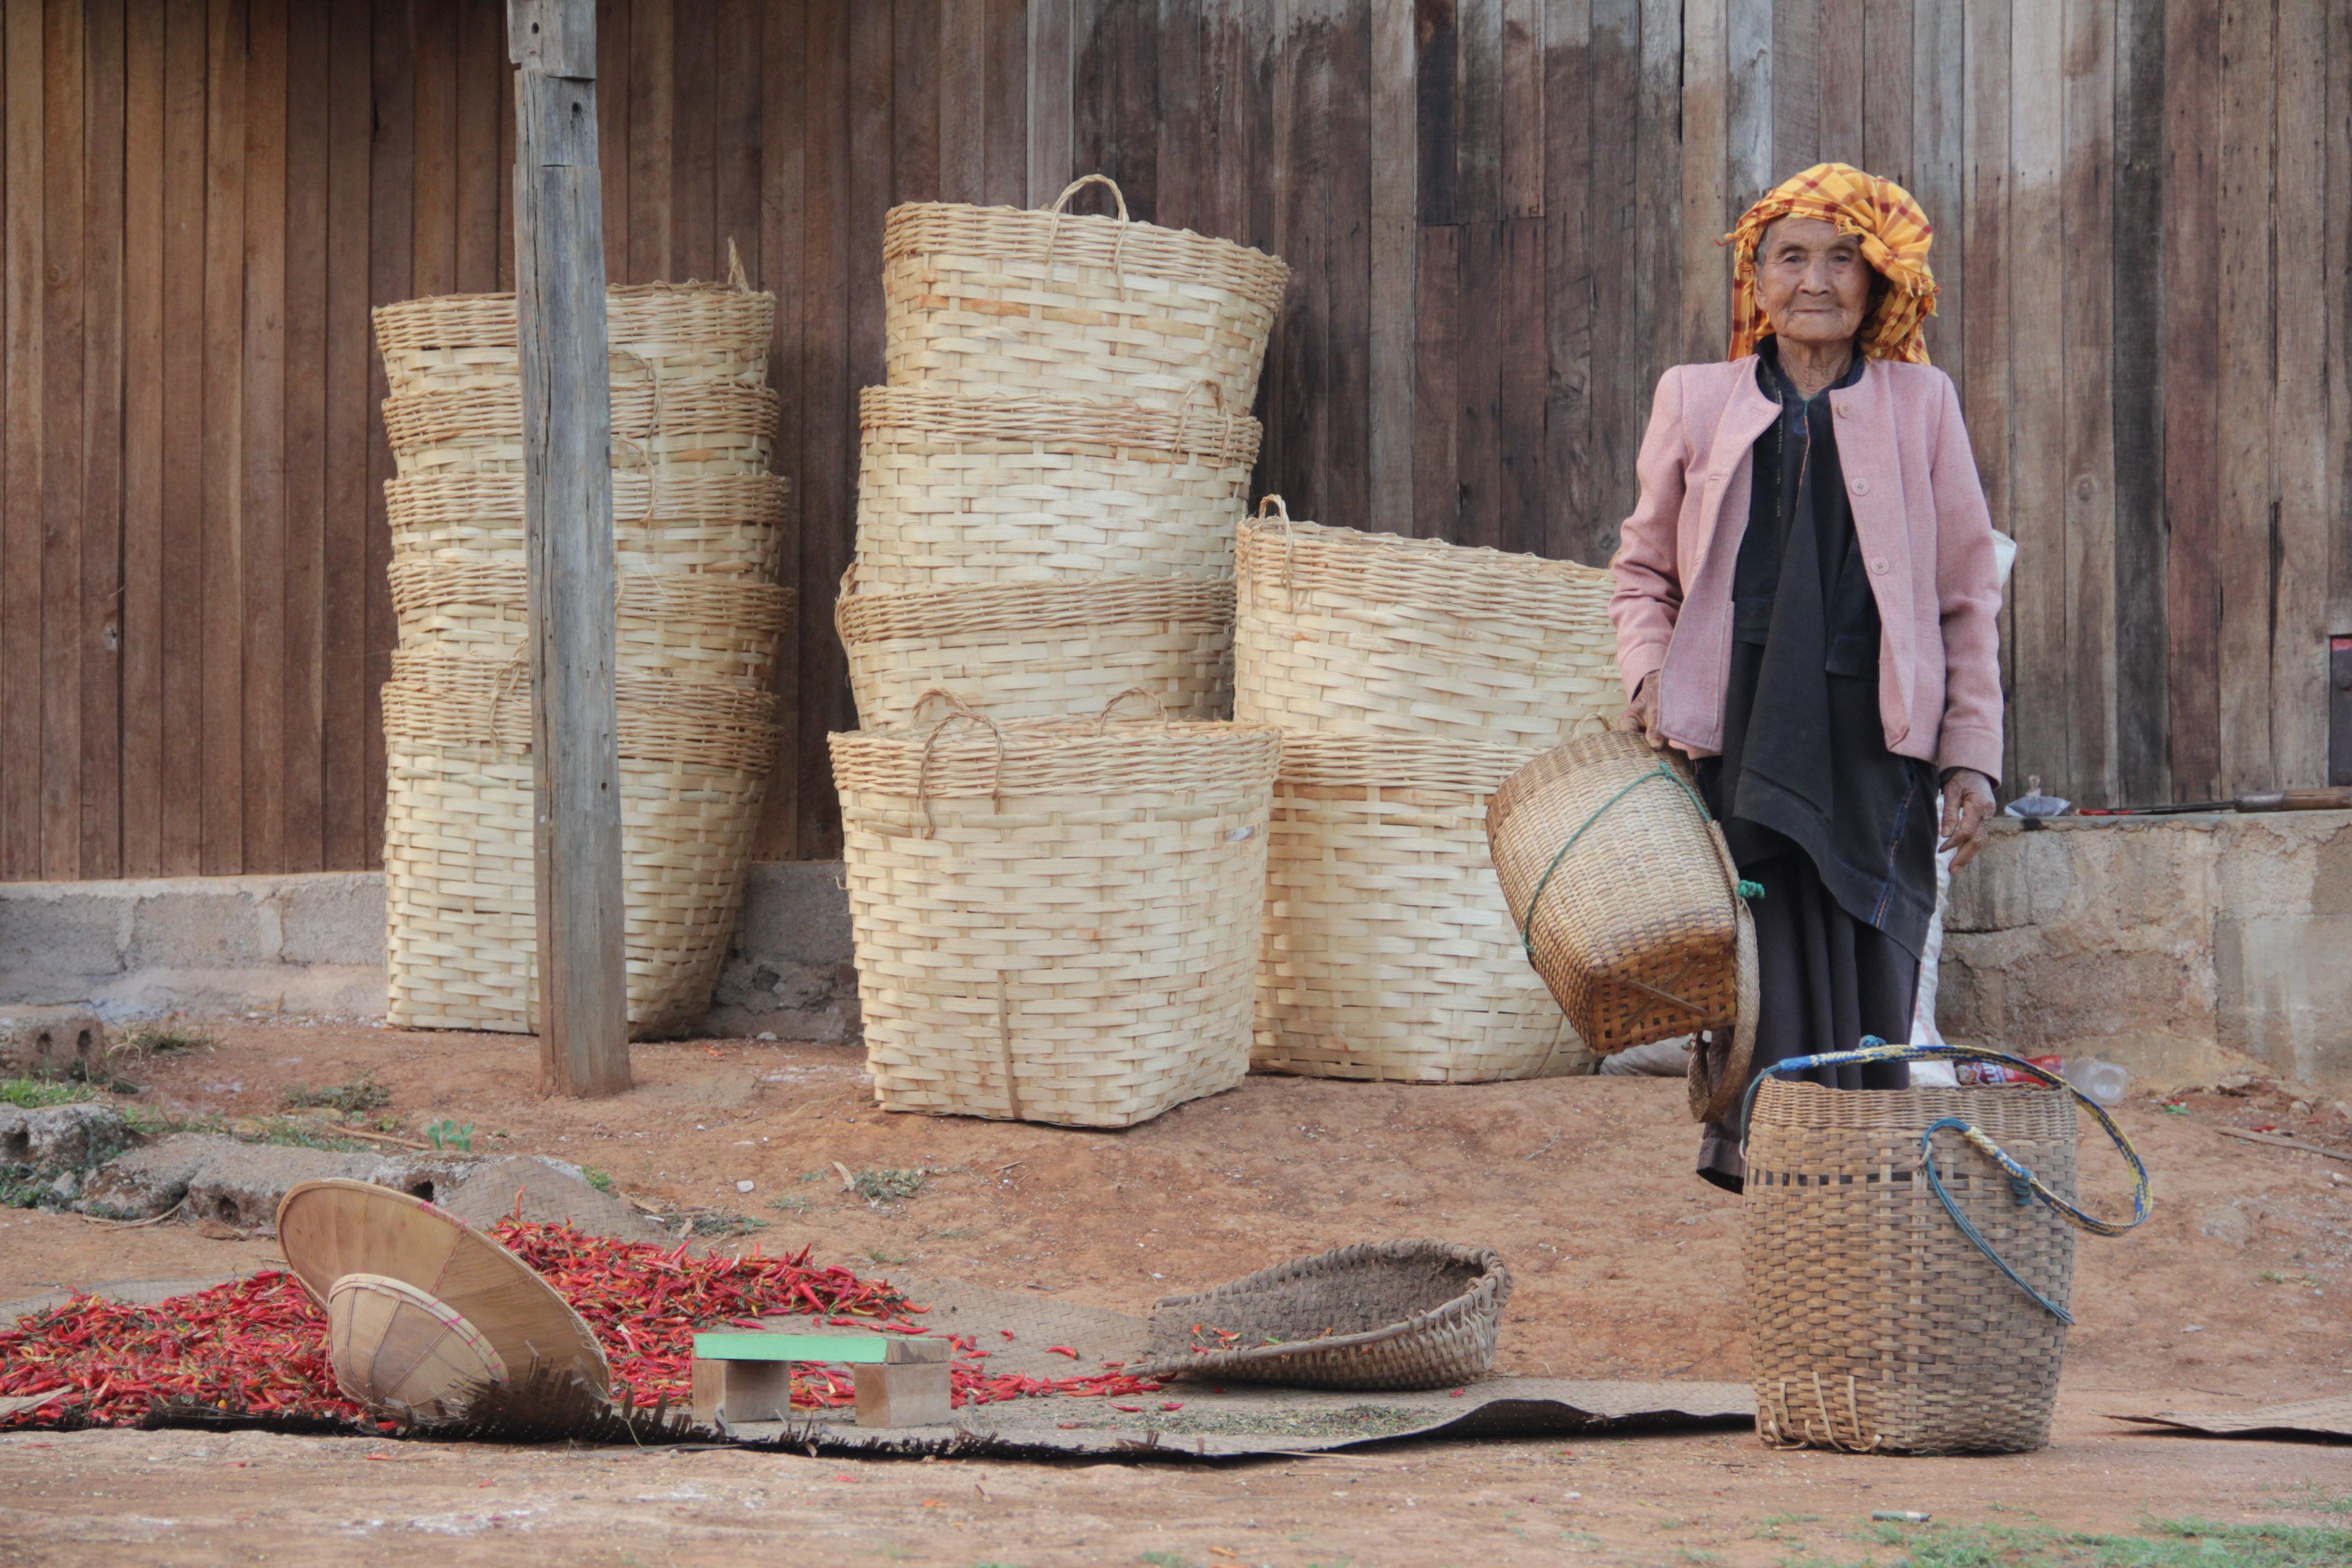 Dans le village de Kyautsu, cette femme s'apprête à remplir les paniers de chili, une des plus grosses productions de la région (© Jérôme Decoster).